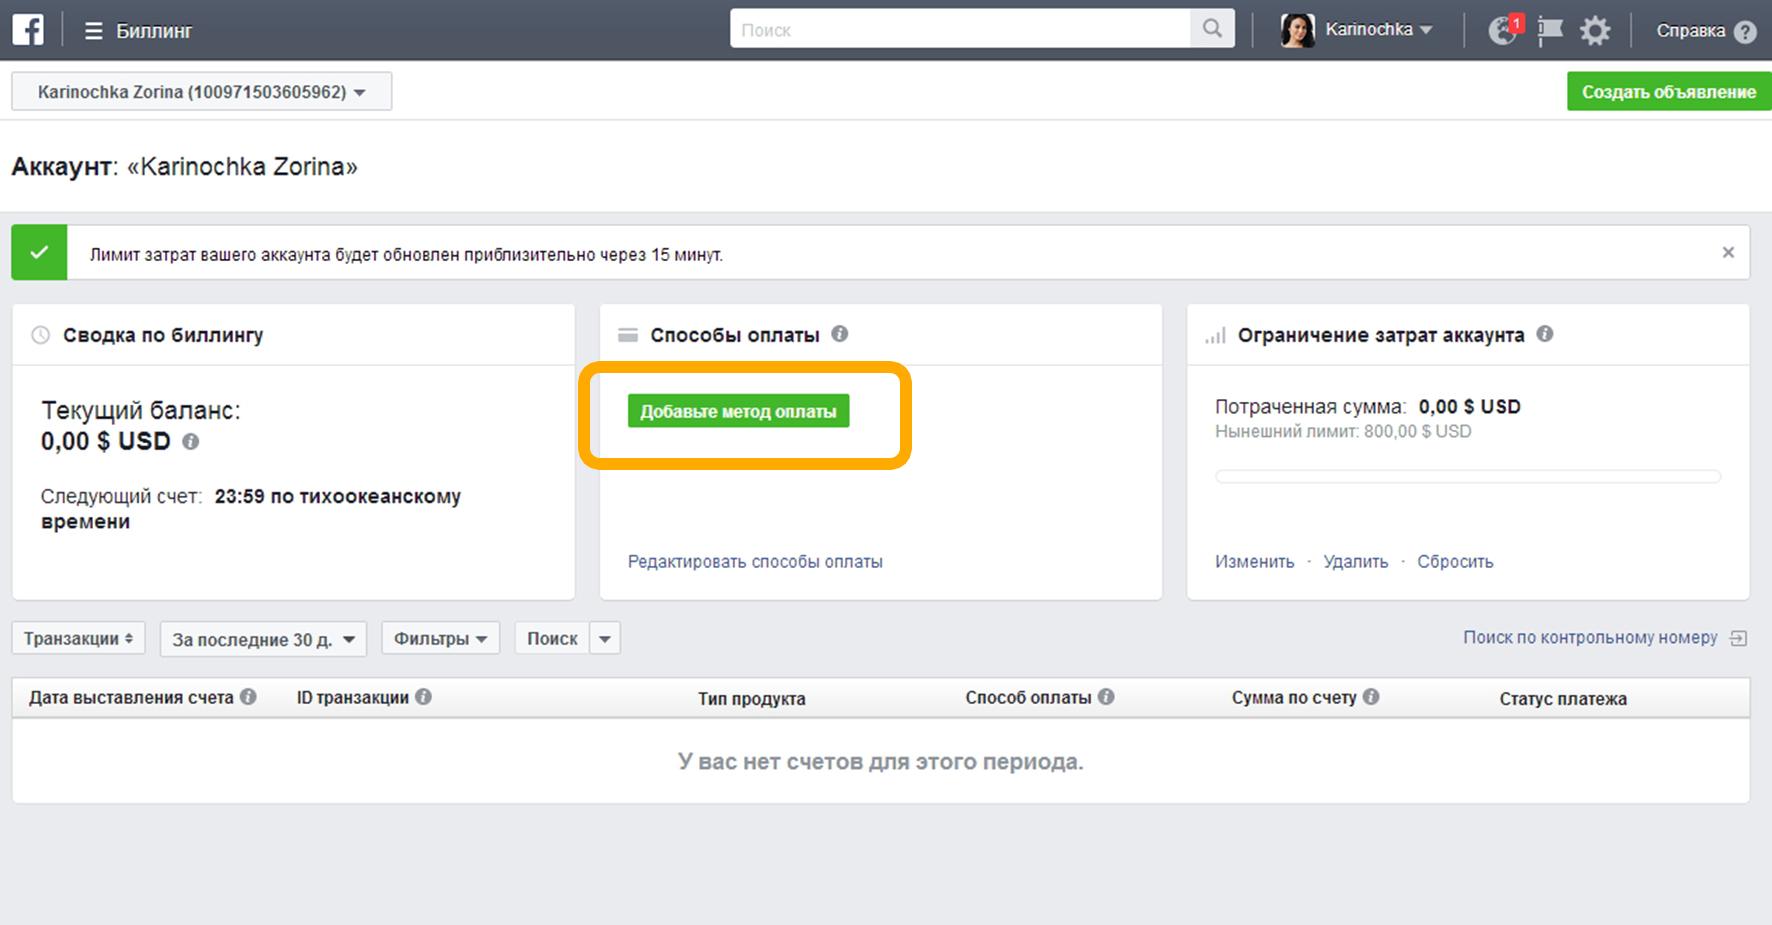 Указатель к кнопке добавления способа оплаты в менеджере рекламы Фейсбук